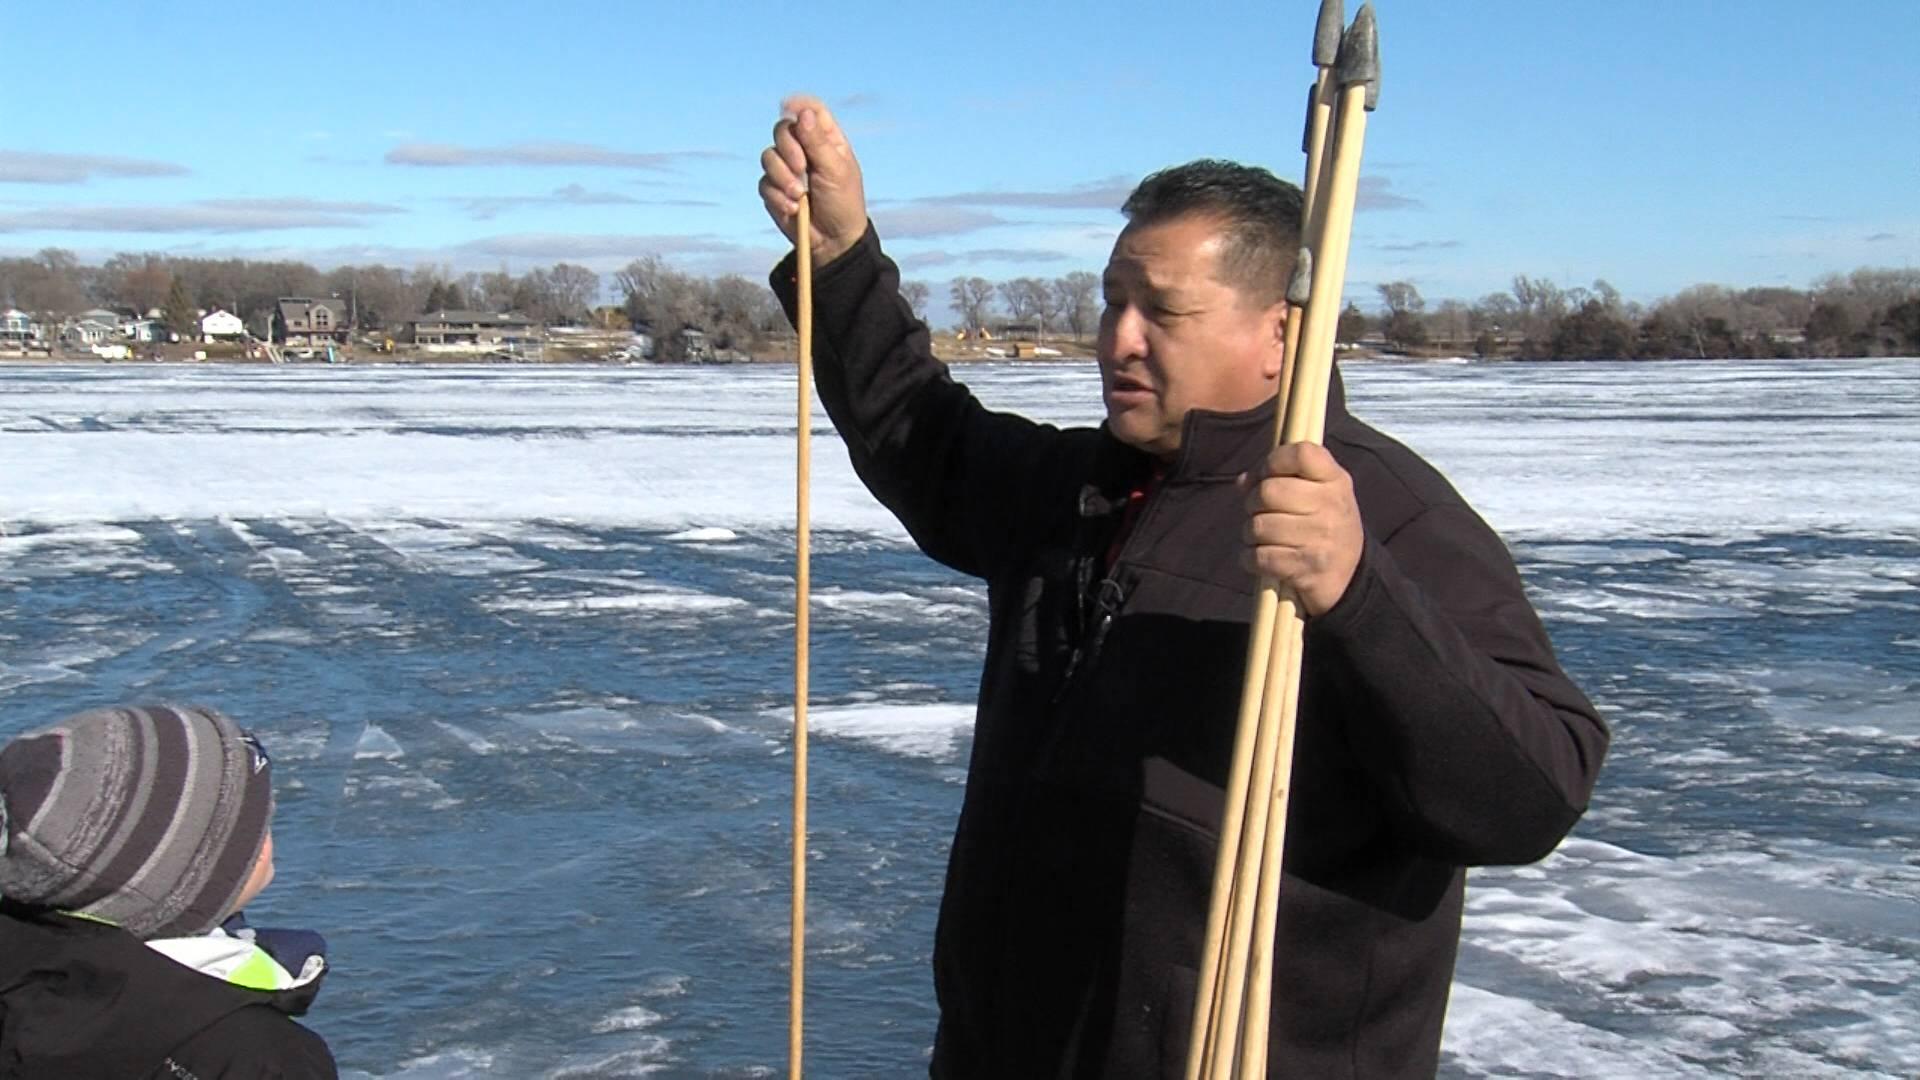 Mike Marshall teaches paslohanpi (javelins).